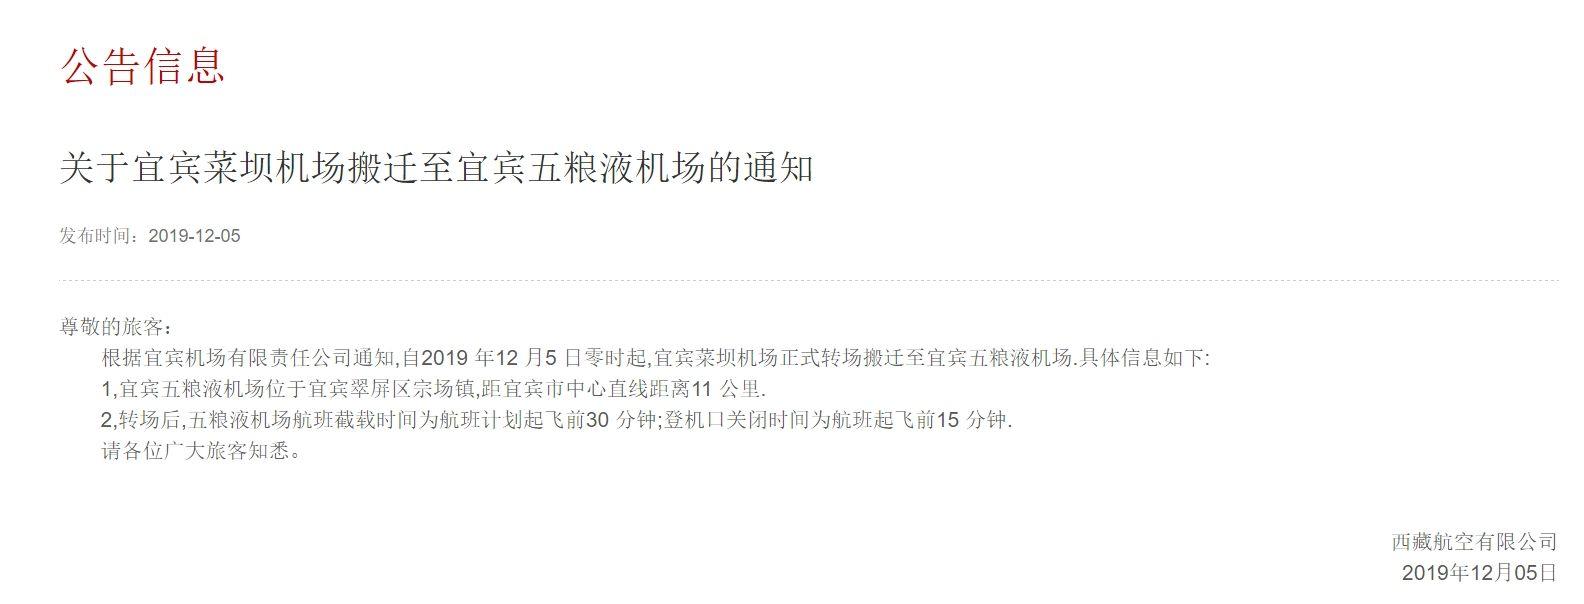 西藏航空:宜宾菜坝机场搬迁至五粮液机场 起飞前15分钟登机口关闭